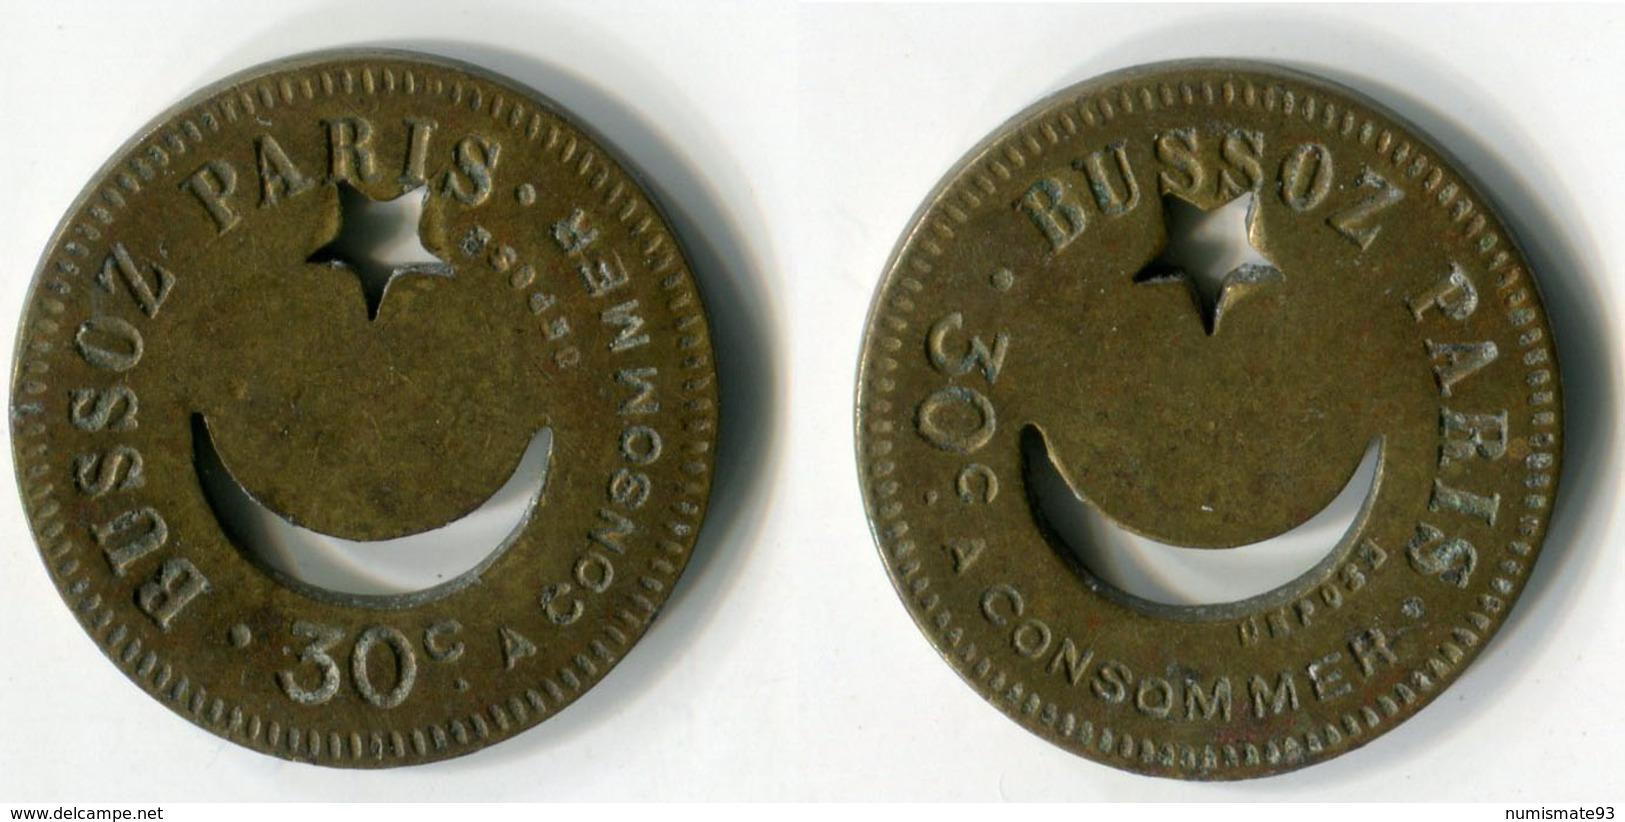 N93-0590 - Monnaie De Nécessité - Paris - Bussoz - 30 Centimes - Monétaires / De Nécessité